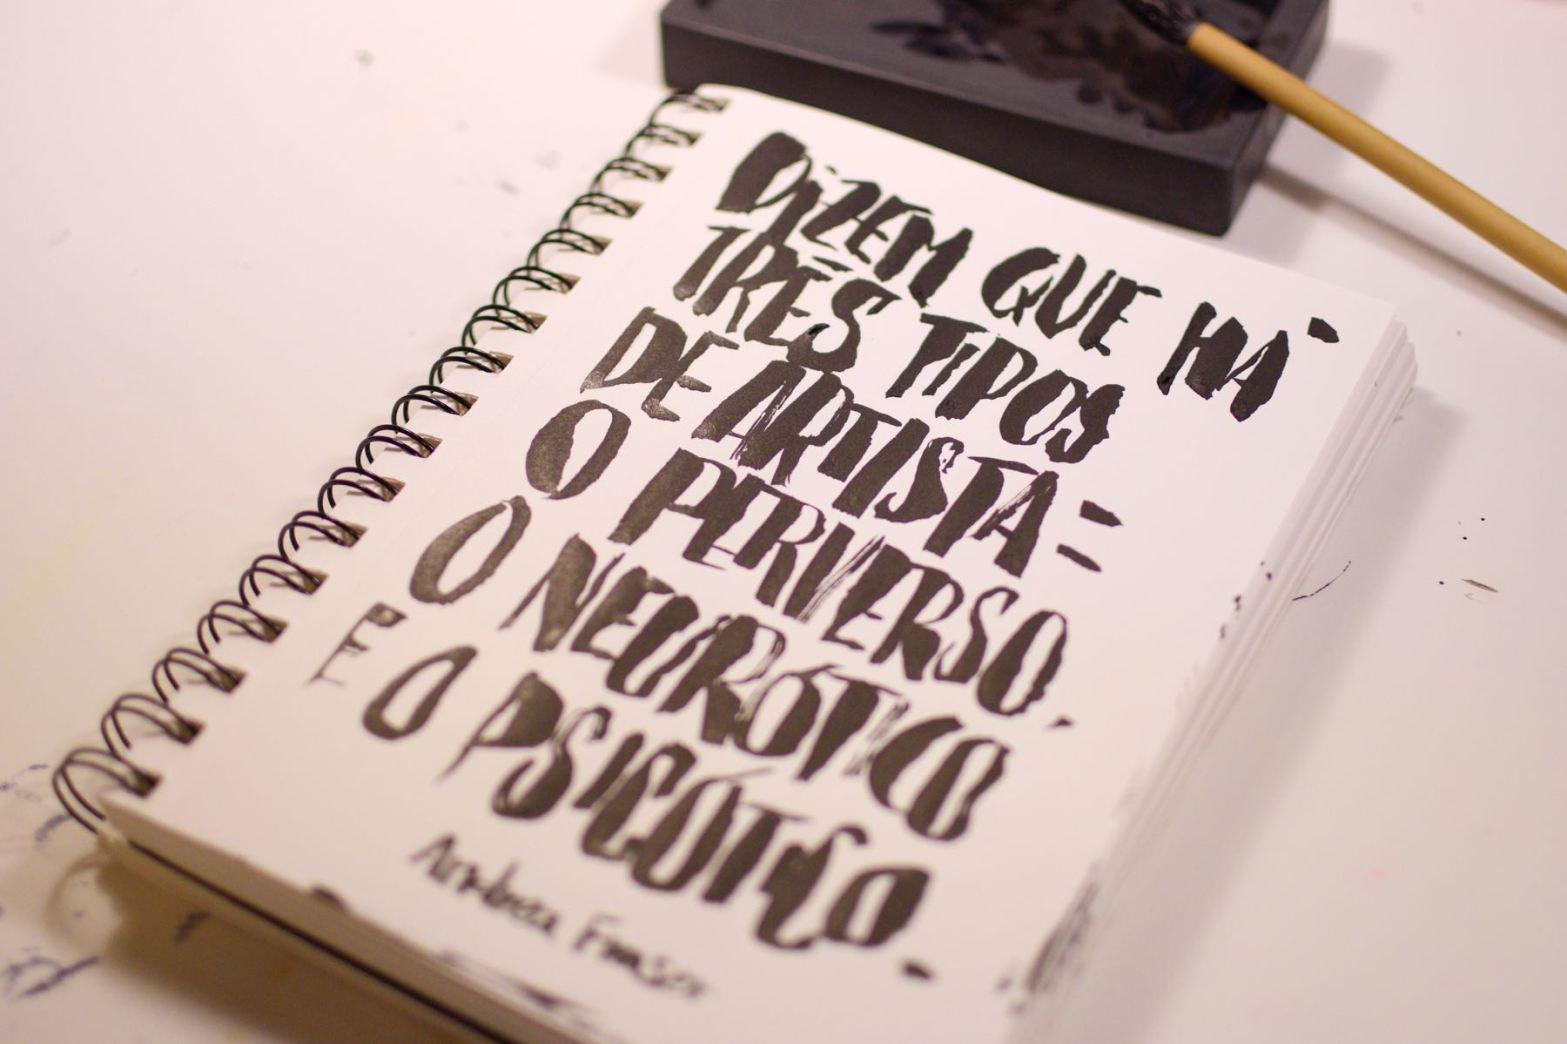 caderno aberto com frase escrita em caligrafia. Vê-se também um pincel apoiado em um suzuri